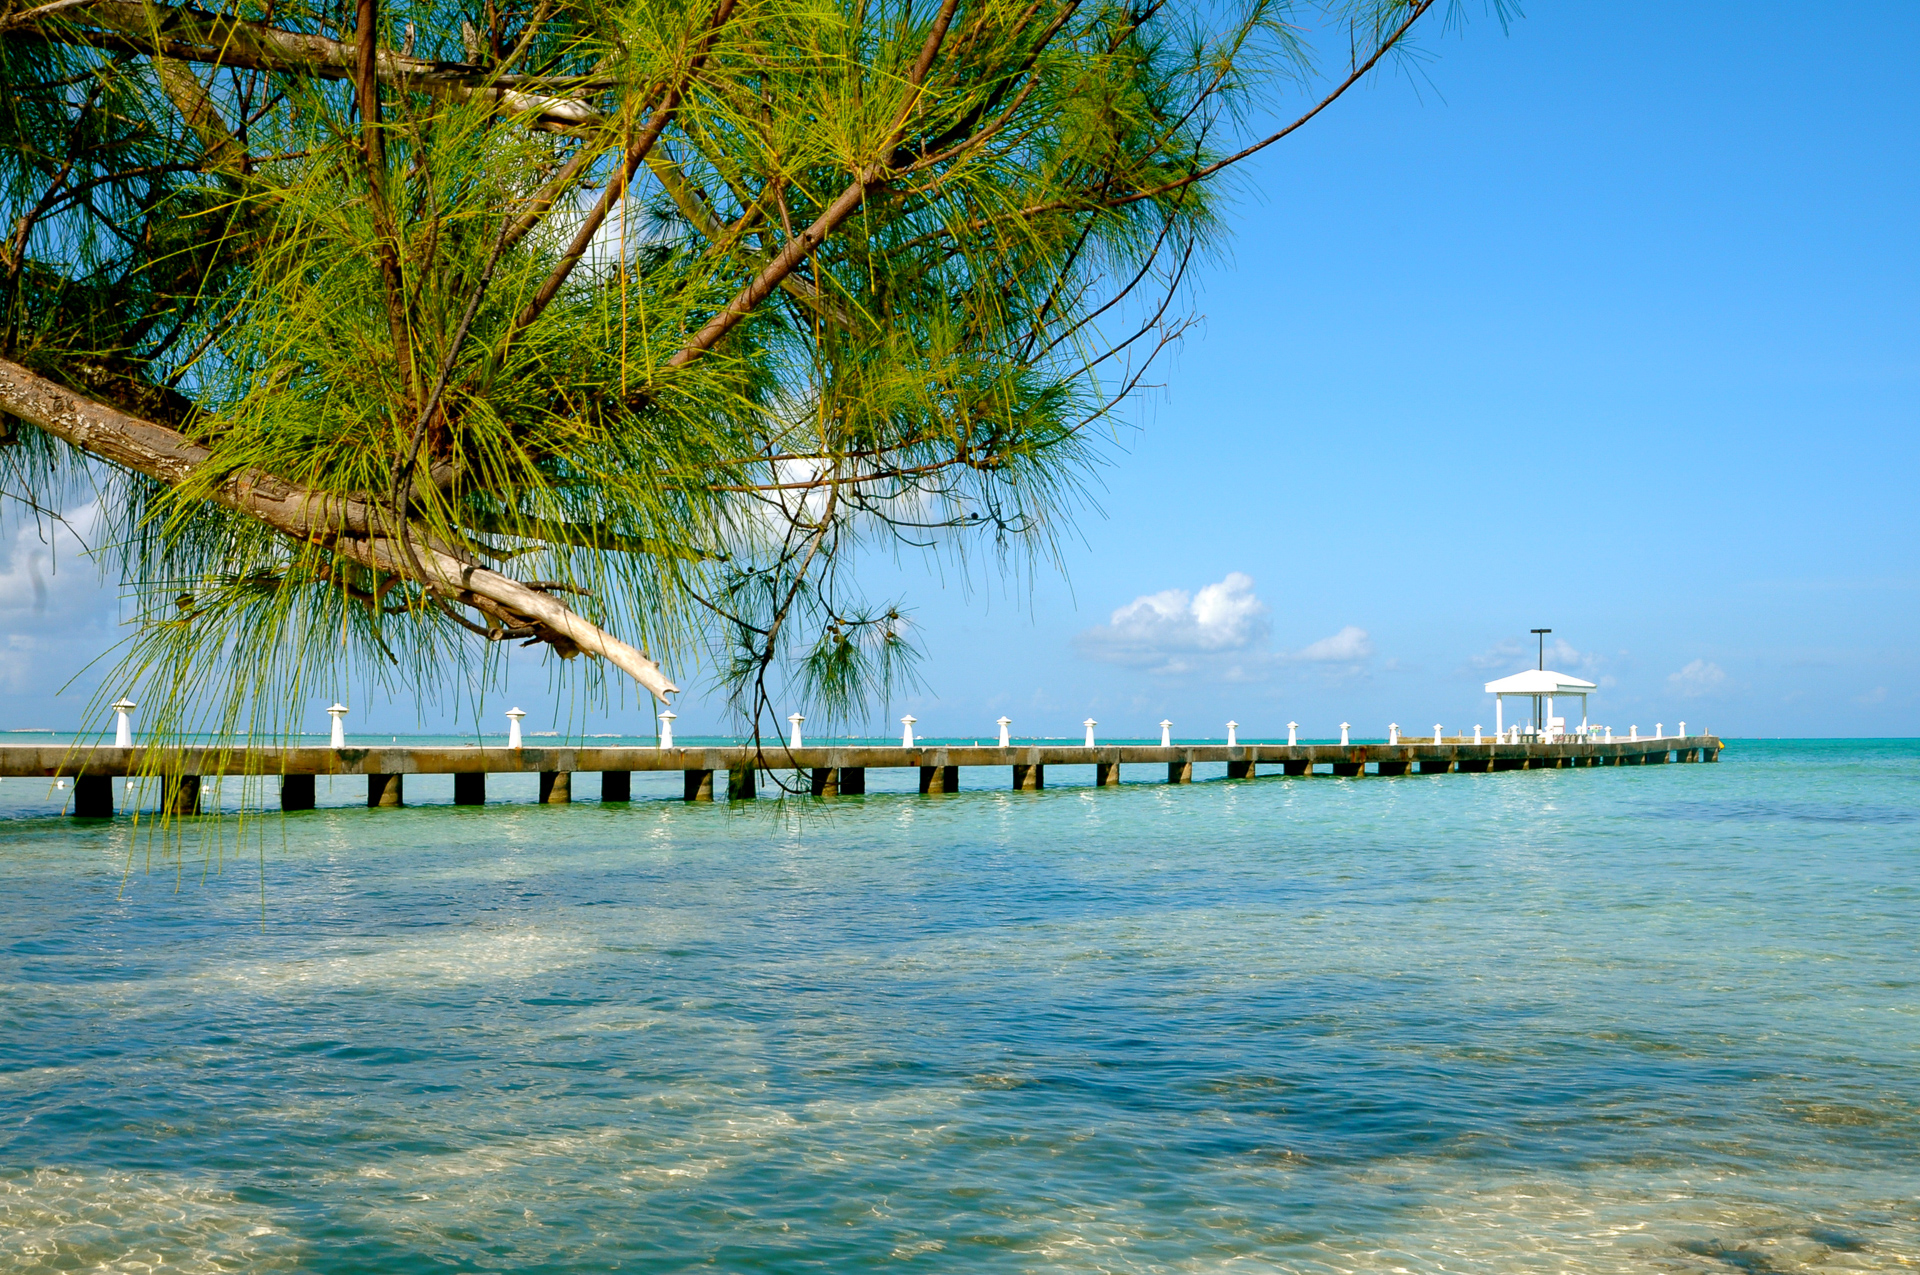 Rum Point Pier